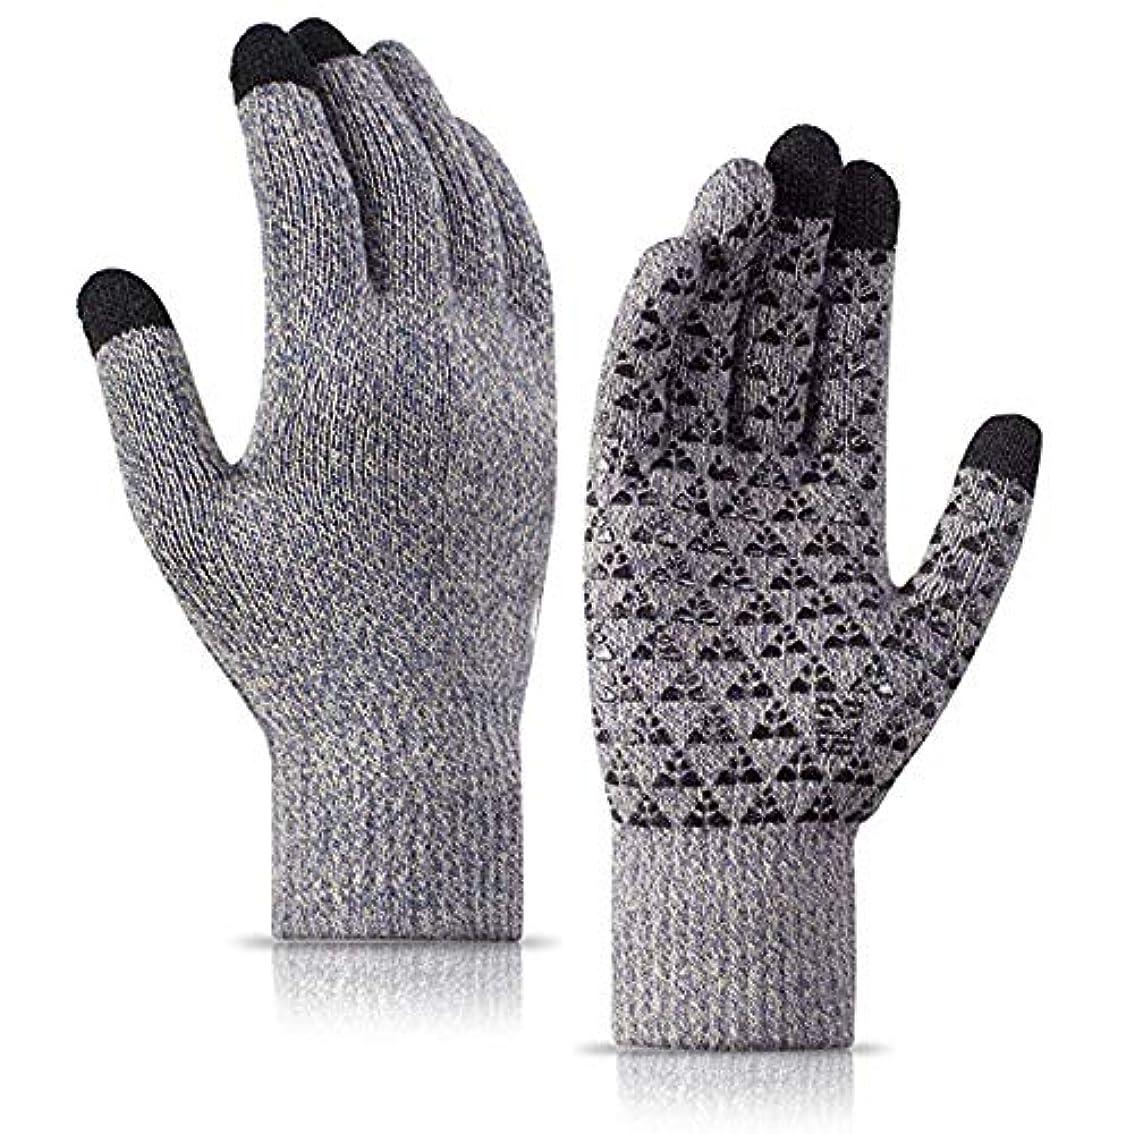 凶暴なアパートレンディション男性と女性のための冬の手袋 - ニットタッチスクリーンアンチスリップシリコーンゲル - 弾性カフ?? - サーマルソフトウールライニング - 伸縮性のある素材,グレー